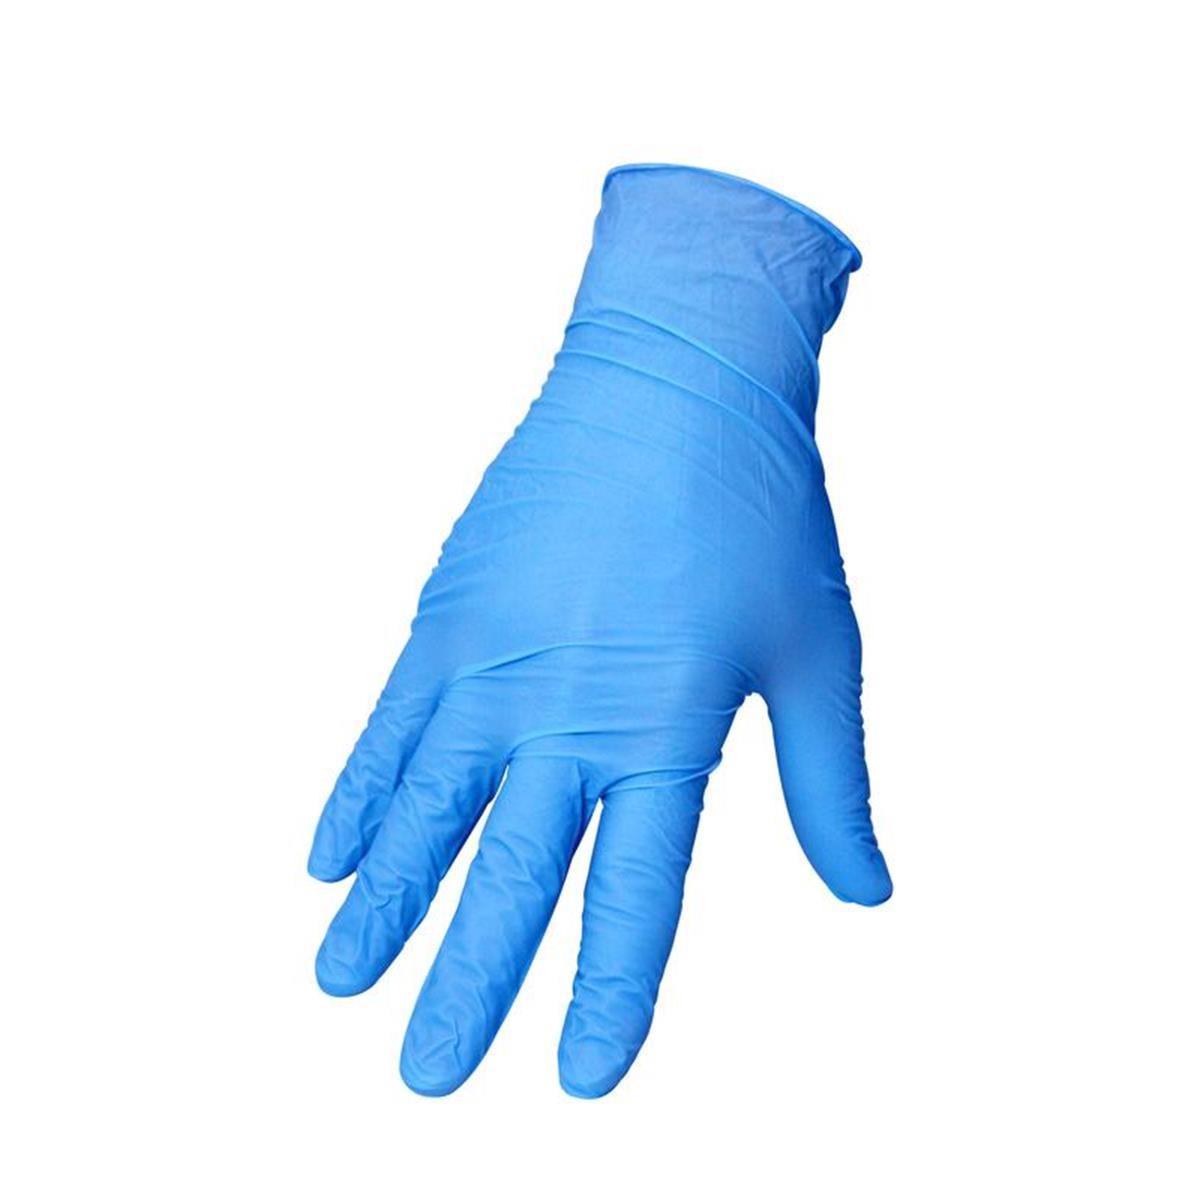 Motion Pro Nitril-Handschuhe Blau, 50er Pack, 0.8 mm